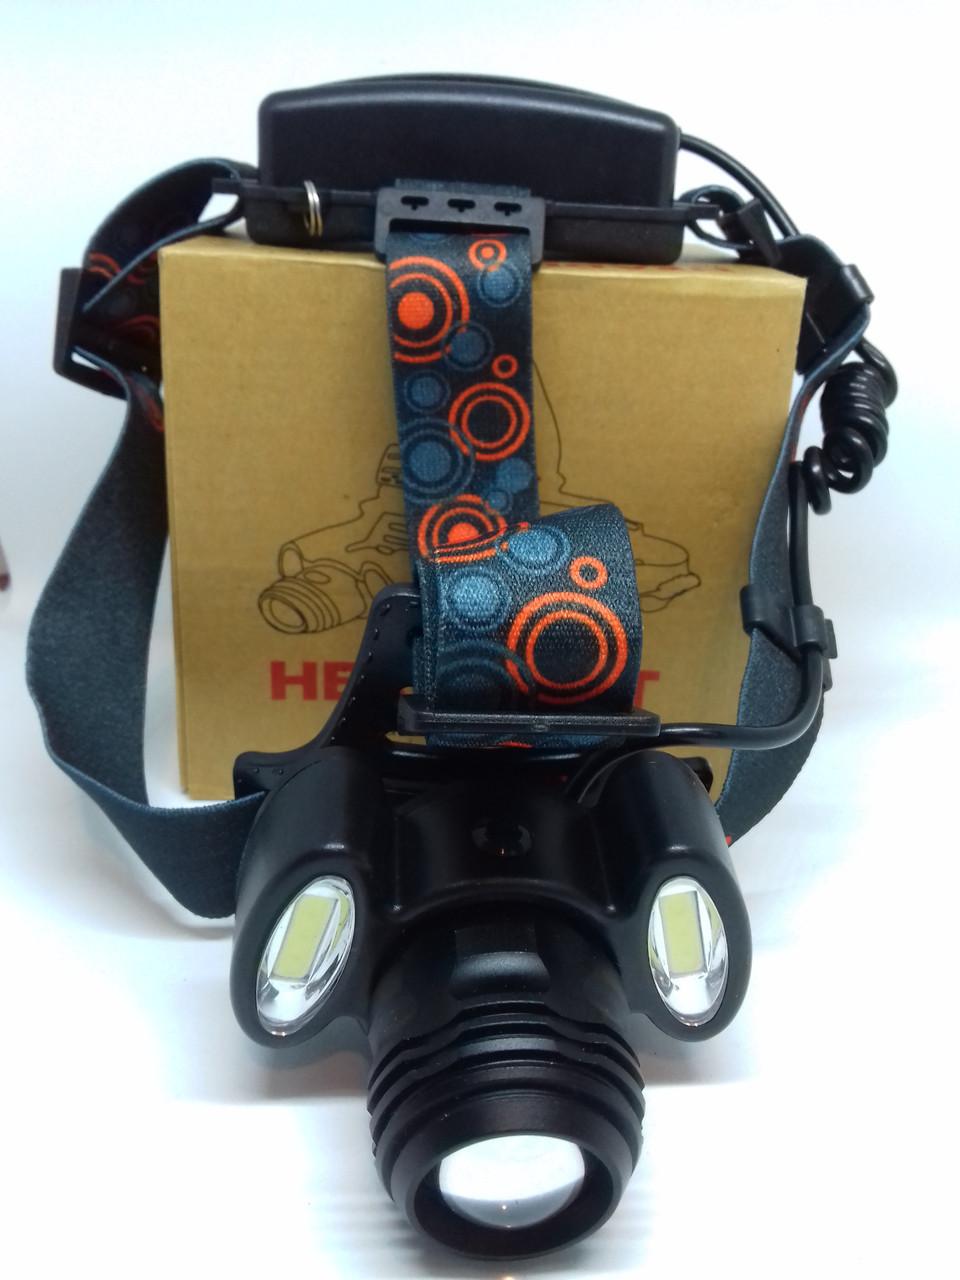 Налобный фонарь Bailong BL-862-T6+COB сверхяркий на двух аккумуляторах типа 18650